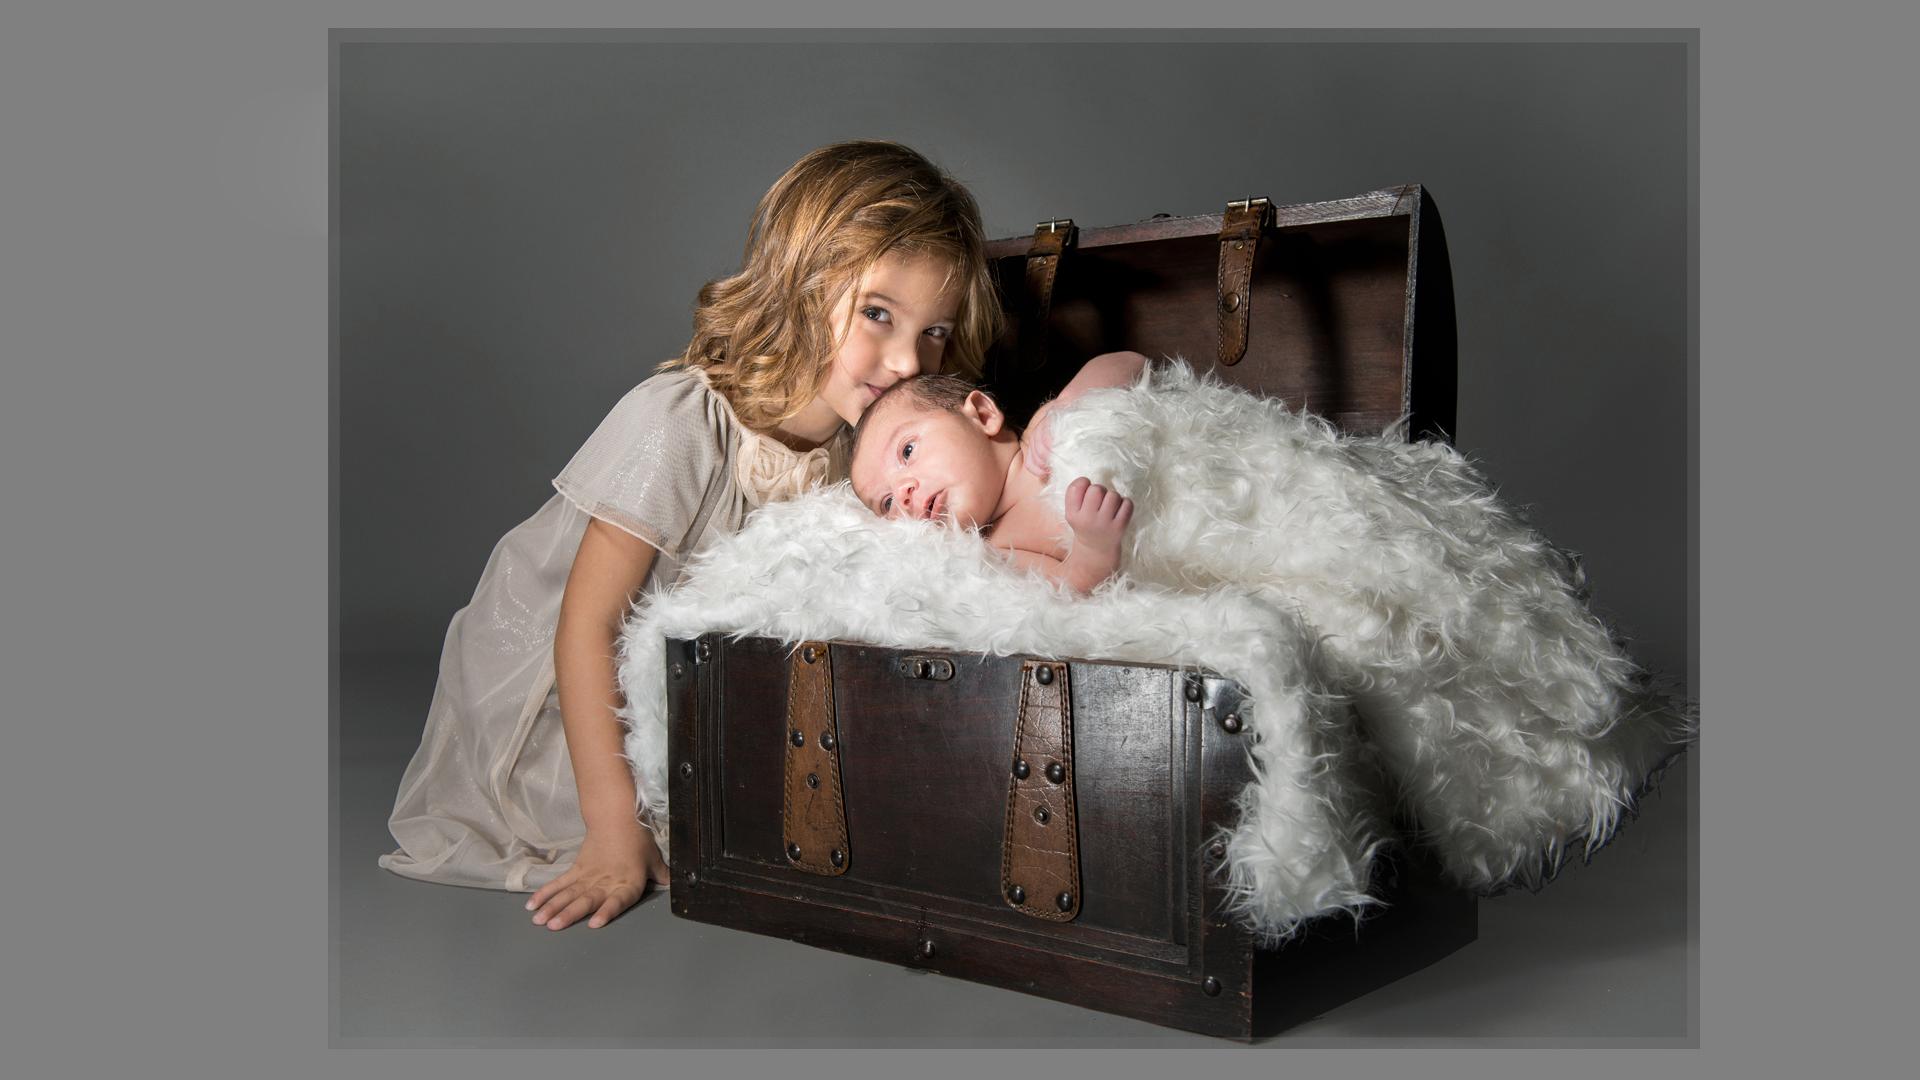 Insesto Madres Cojiendo A Sus Hijos Hermanos Search   insesto madres cojiendo con sus hijos web ...